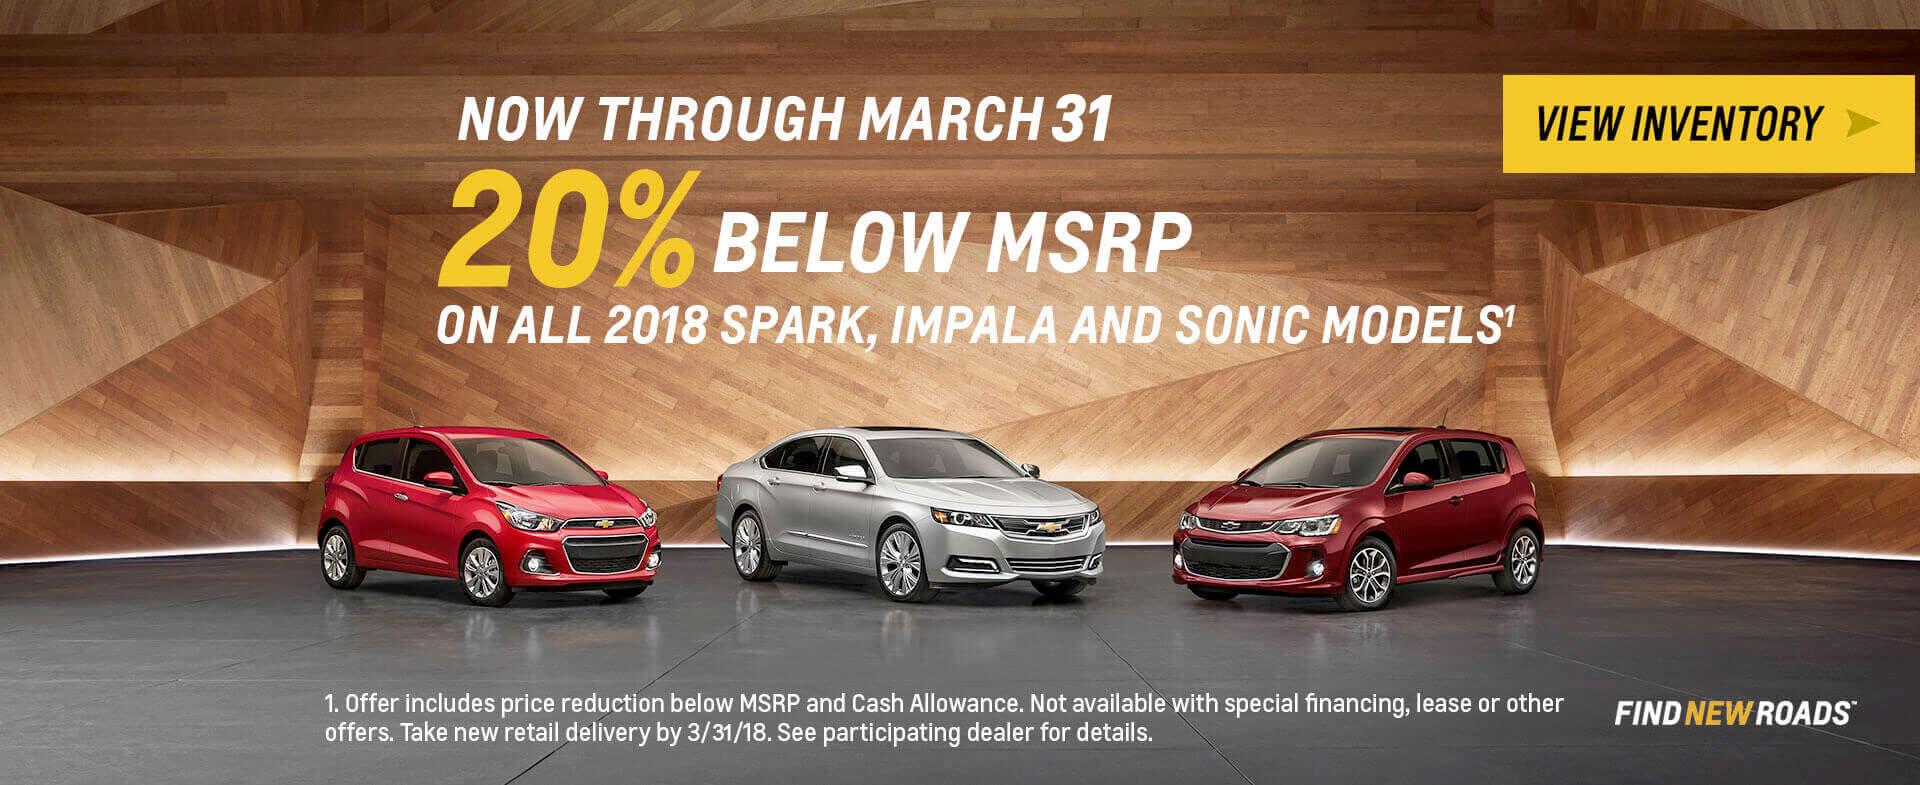 Spark Impala Sonic